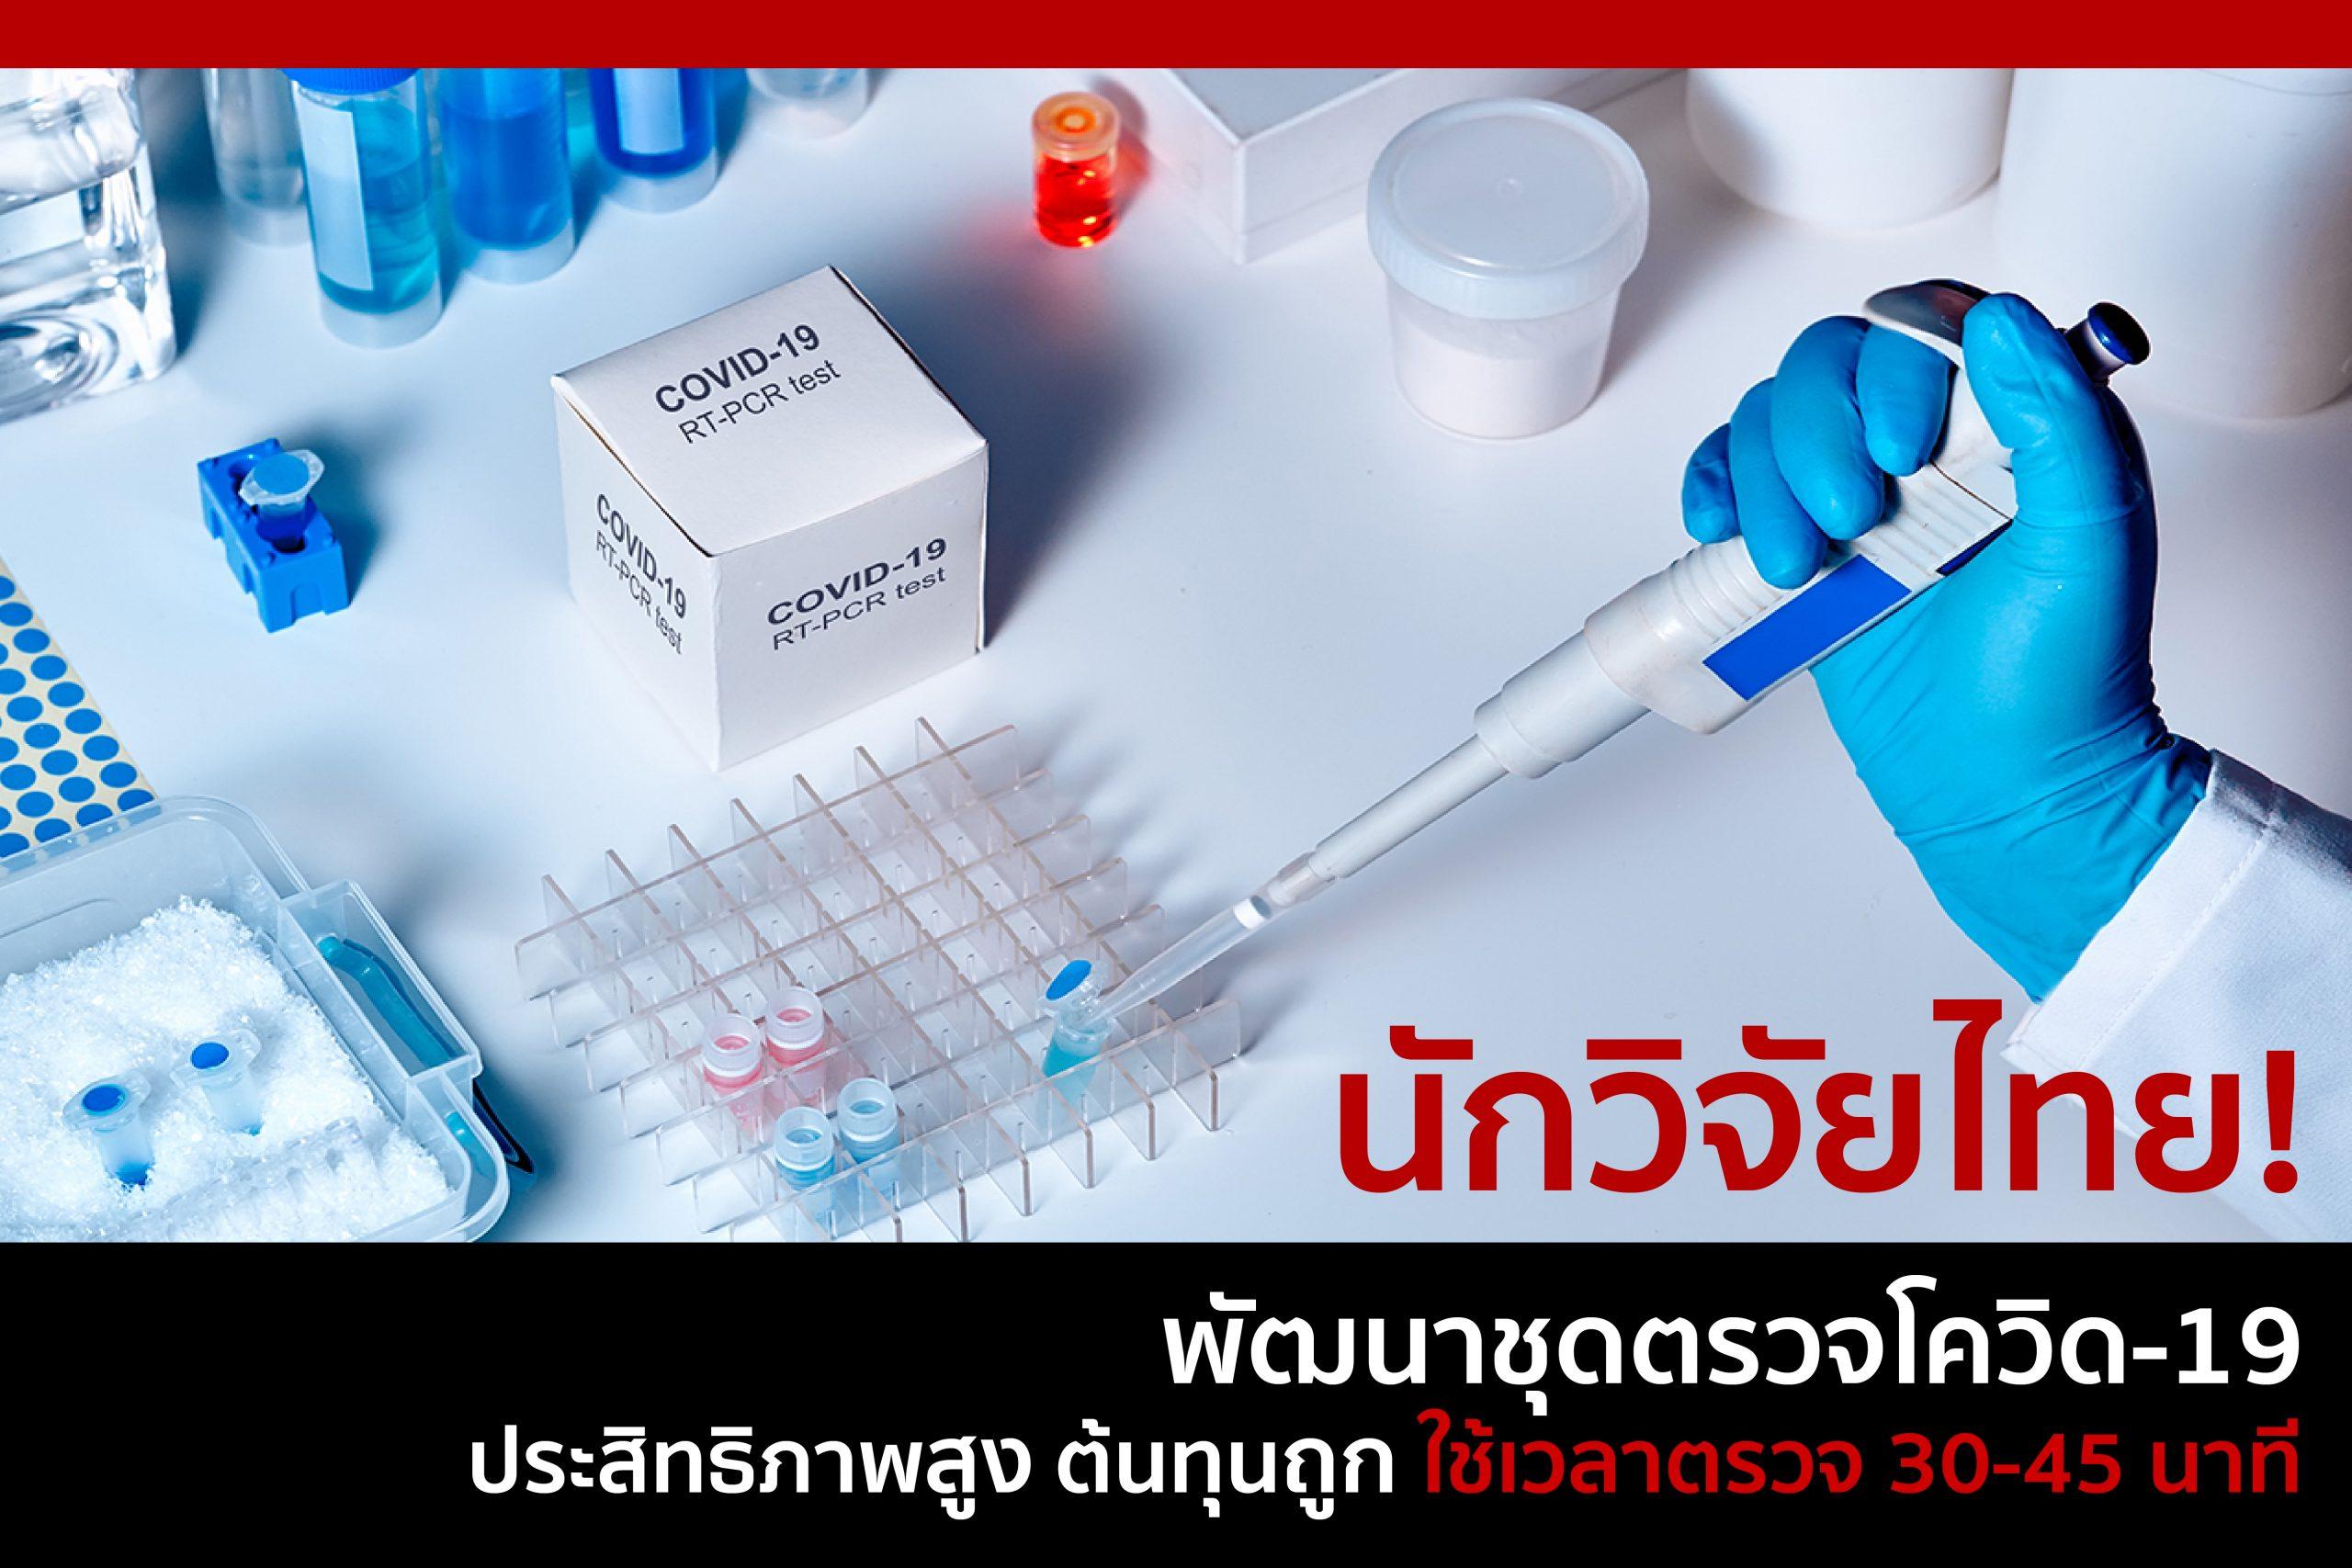 นักวิจัยไทยพัฒนาชุดตรวจโควิด-19 ประสิทธิภาพสูง ต้นทุนถูก ใช้เวลาตรวจ 30-45 นาที เร่งทดสอบความแม่นยำก่อนขยายผล